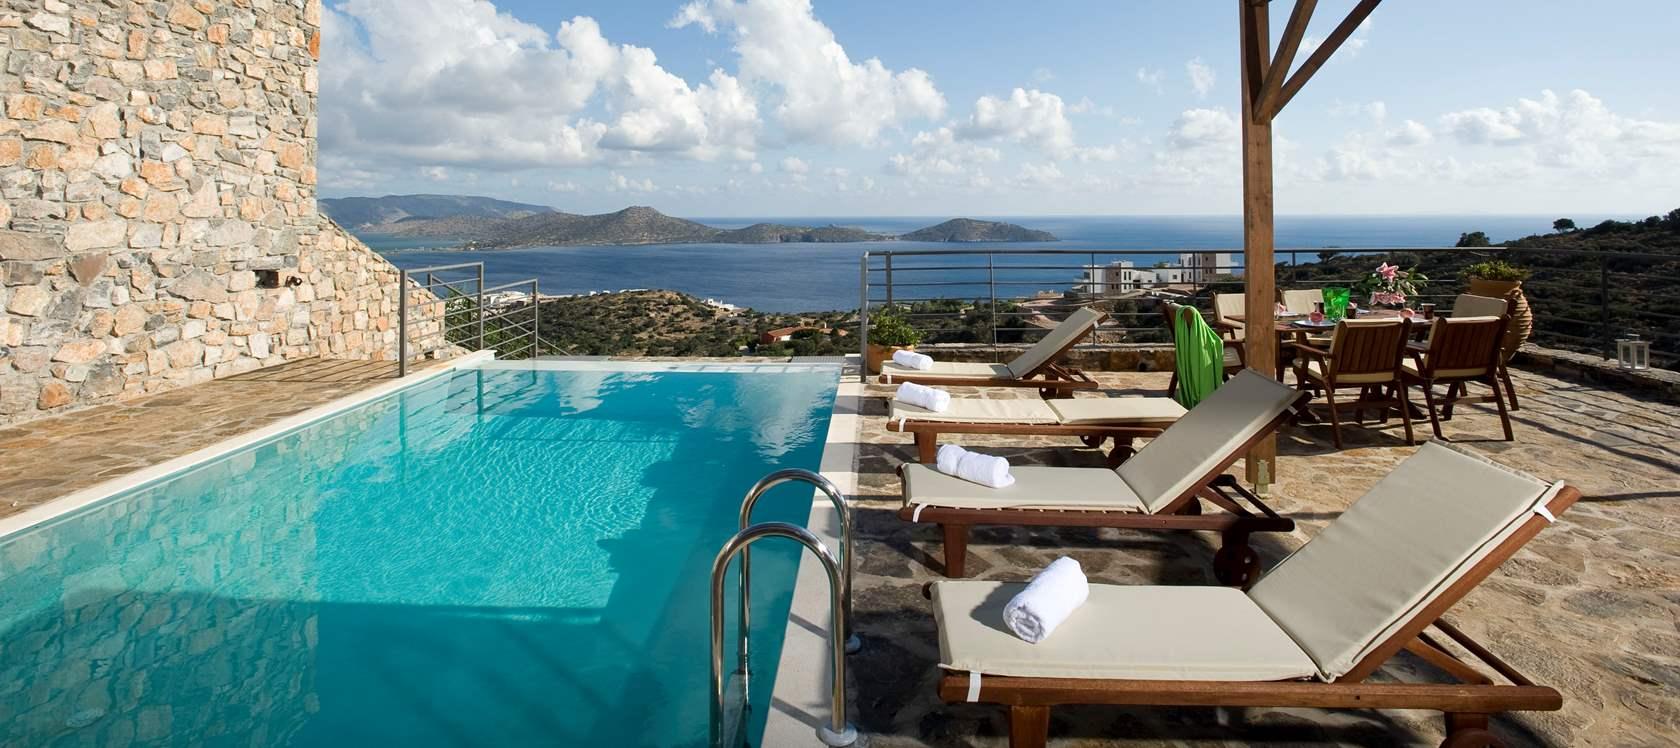 Grece location vacances villa crete elounda for Location villa